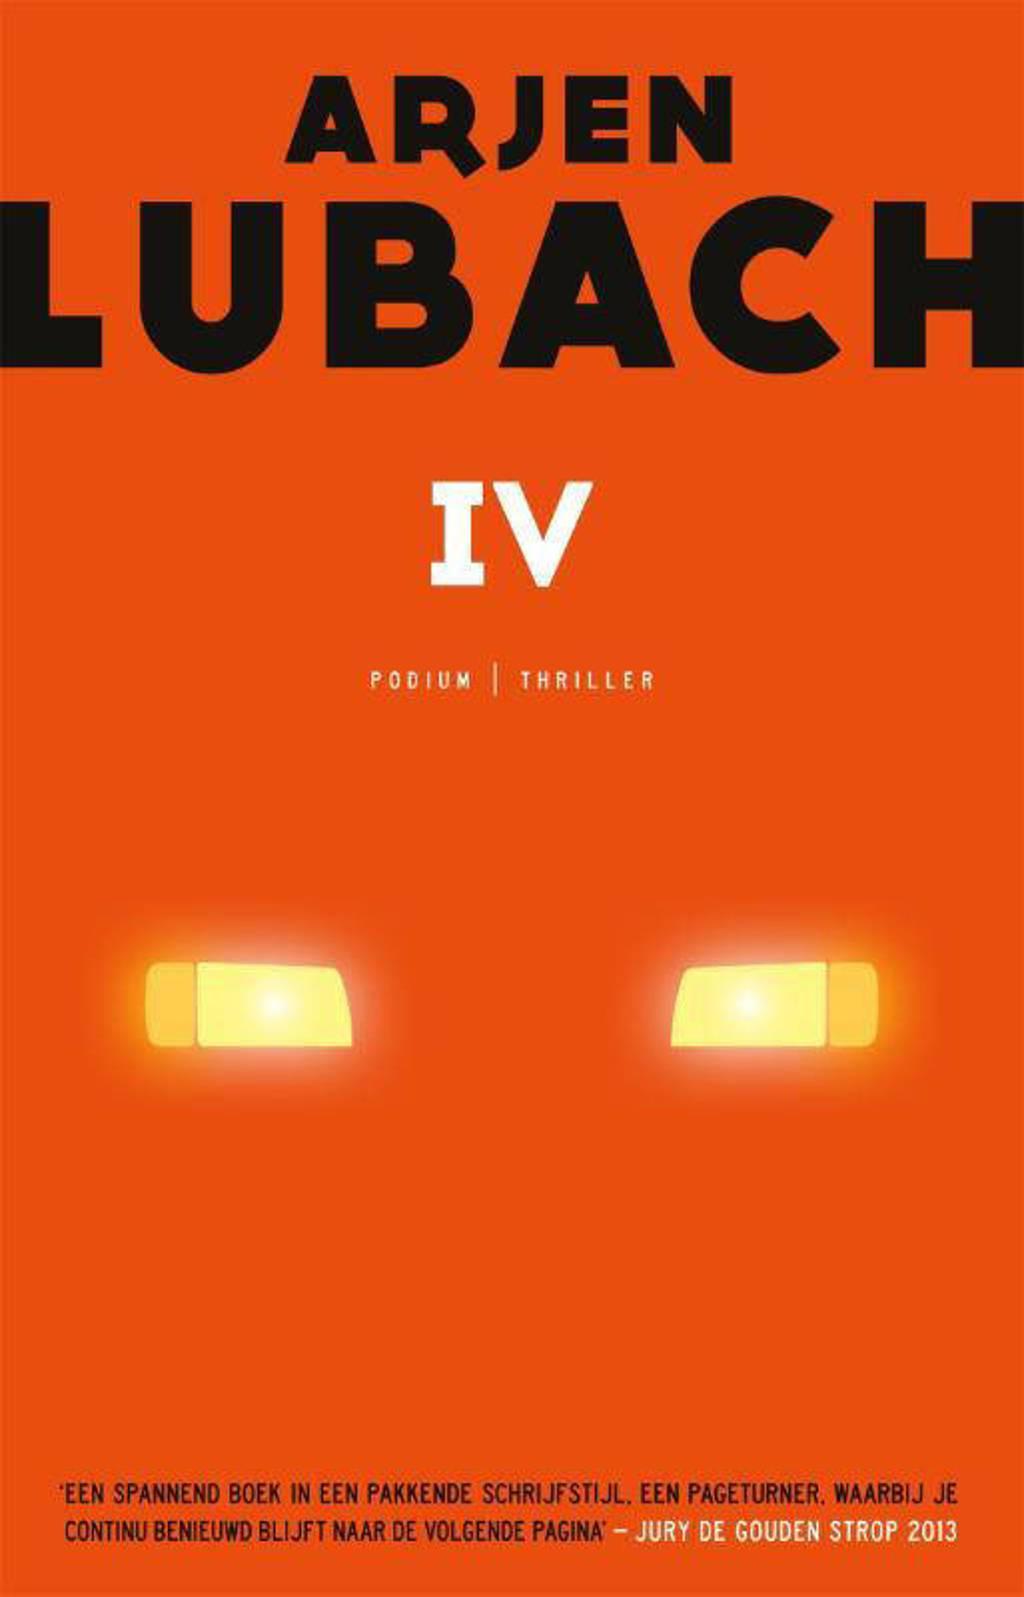 IV - Arjen Lubach